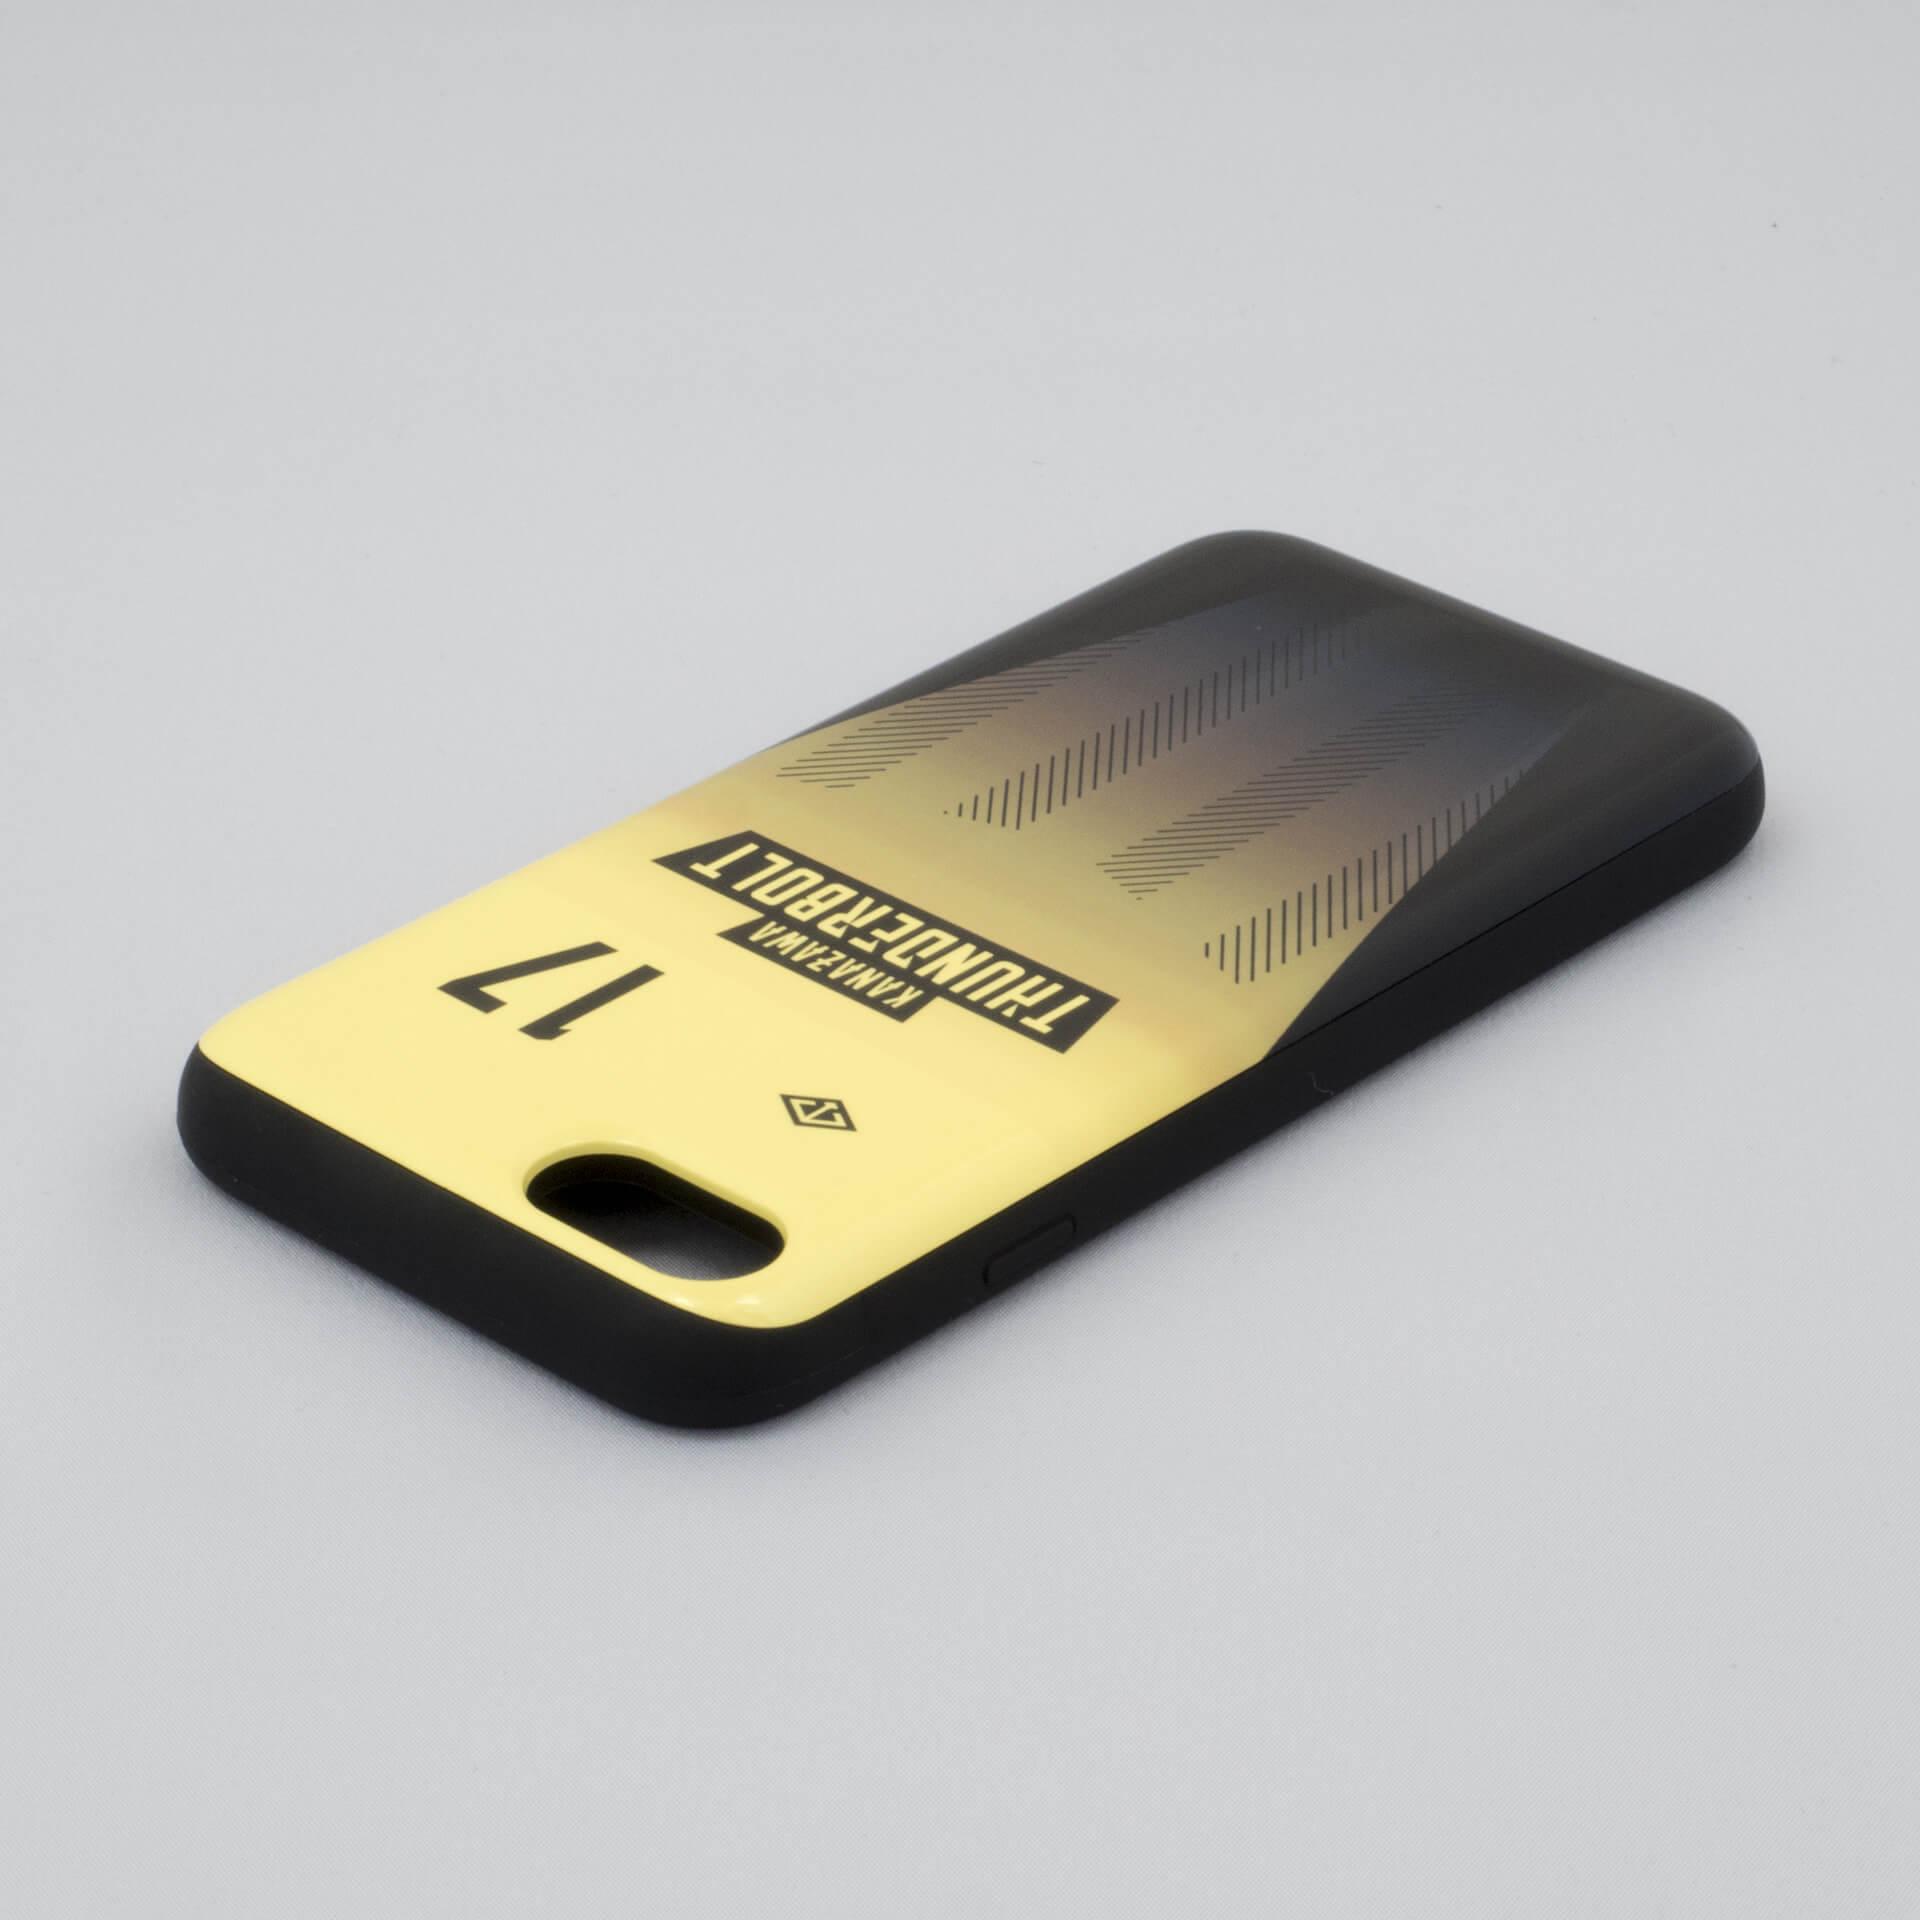 金沢サンダーボルトのiPhoneケース画像5